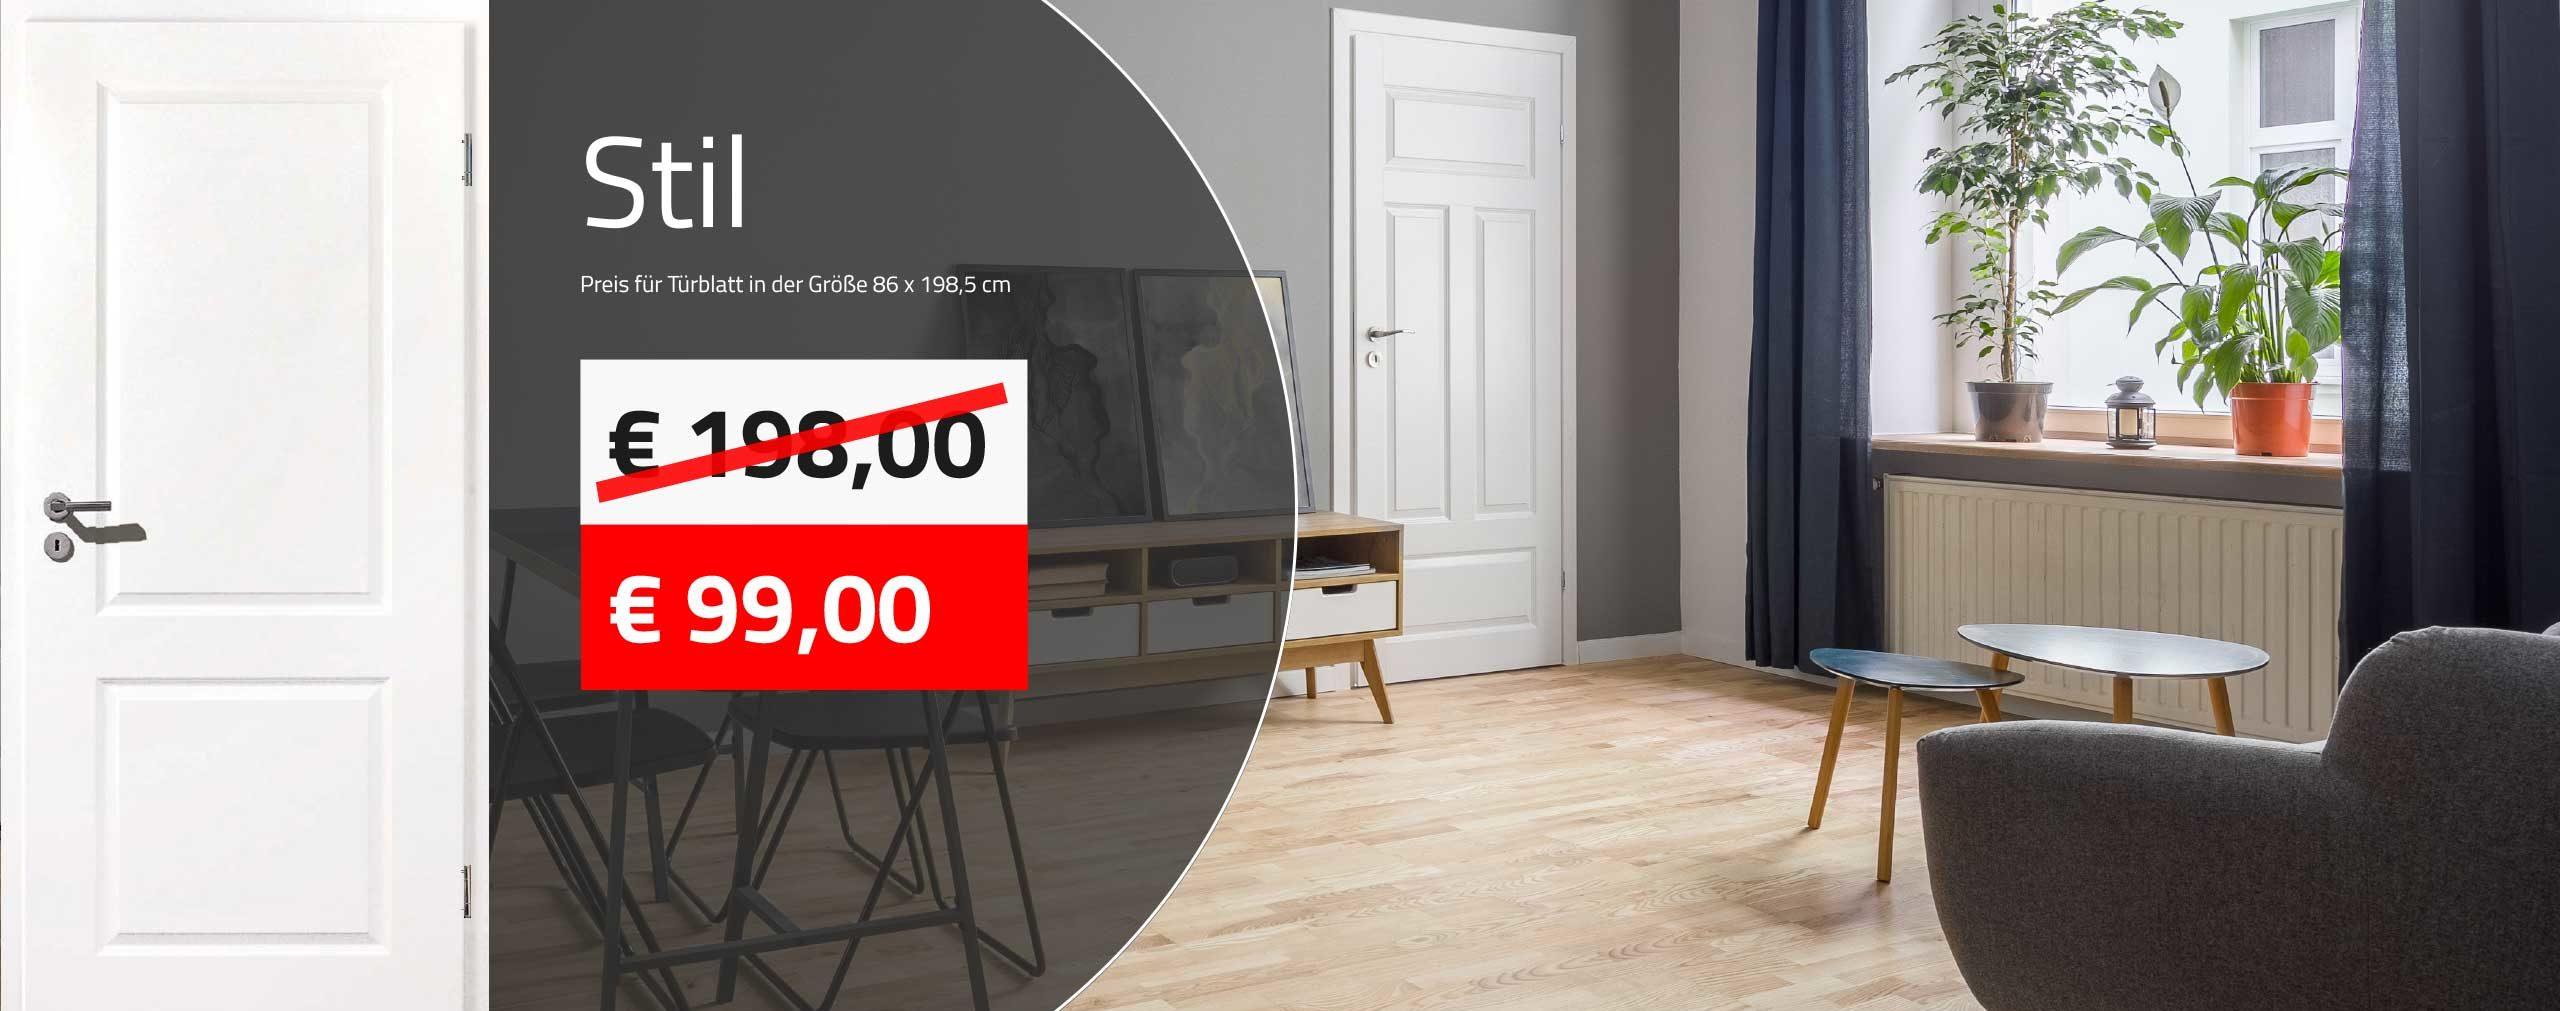 Innentüren kaufen - weiße Stiltüren mit Profilkanten ab 99,00 € kaufen